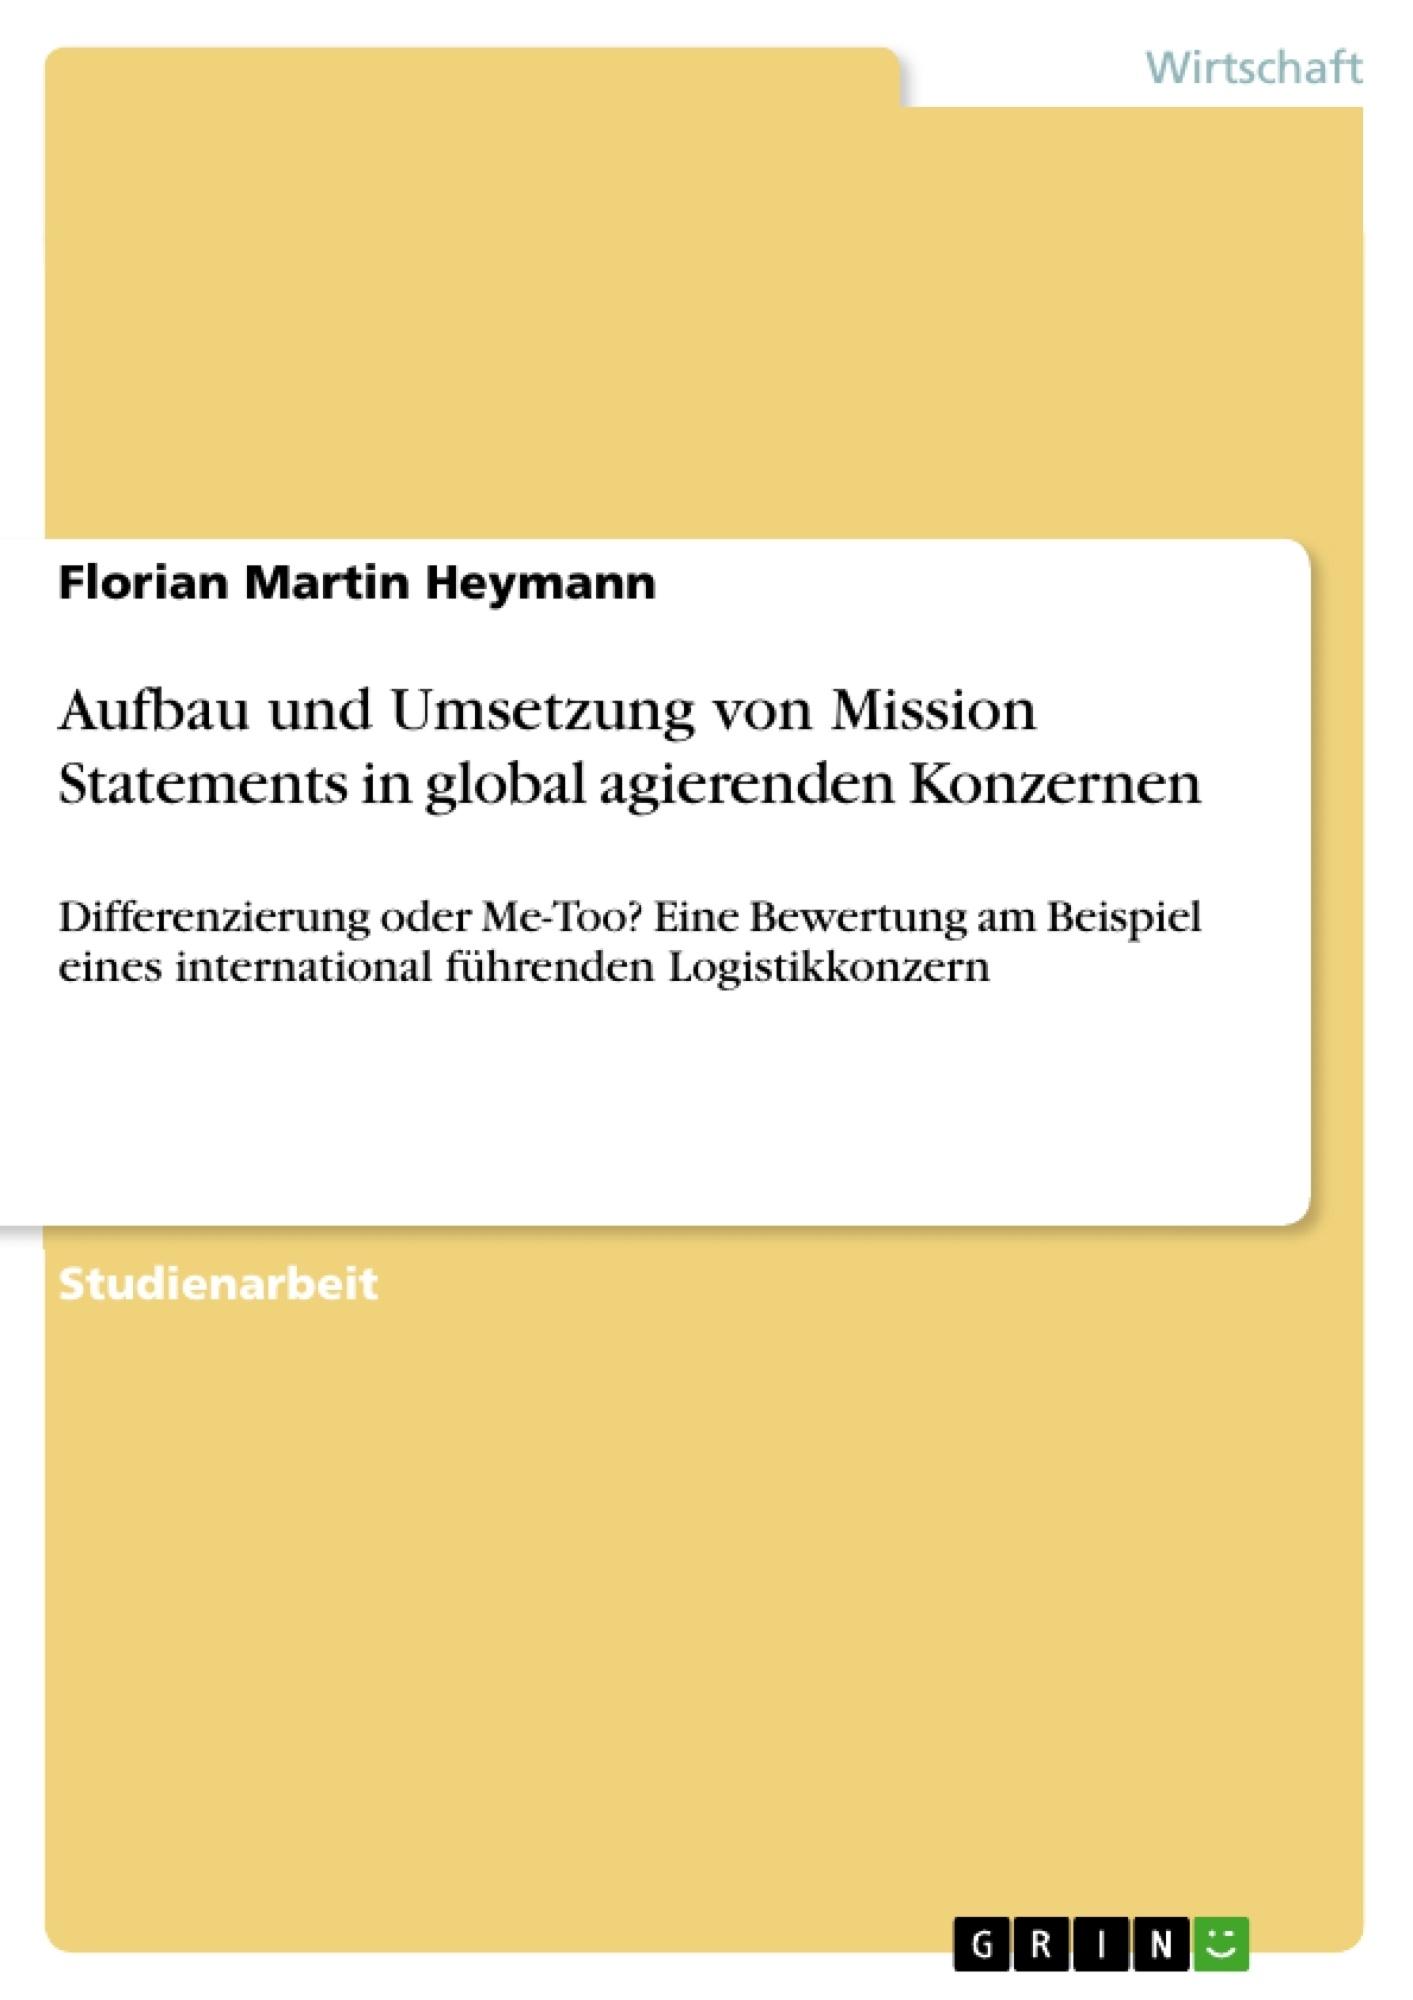 Titel: Aufbau und Umsetzung von Mission Statements in global agierenden Konzernen